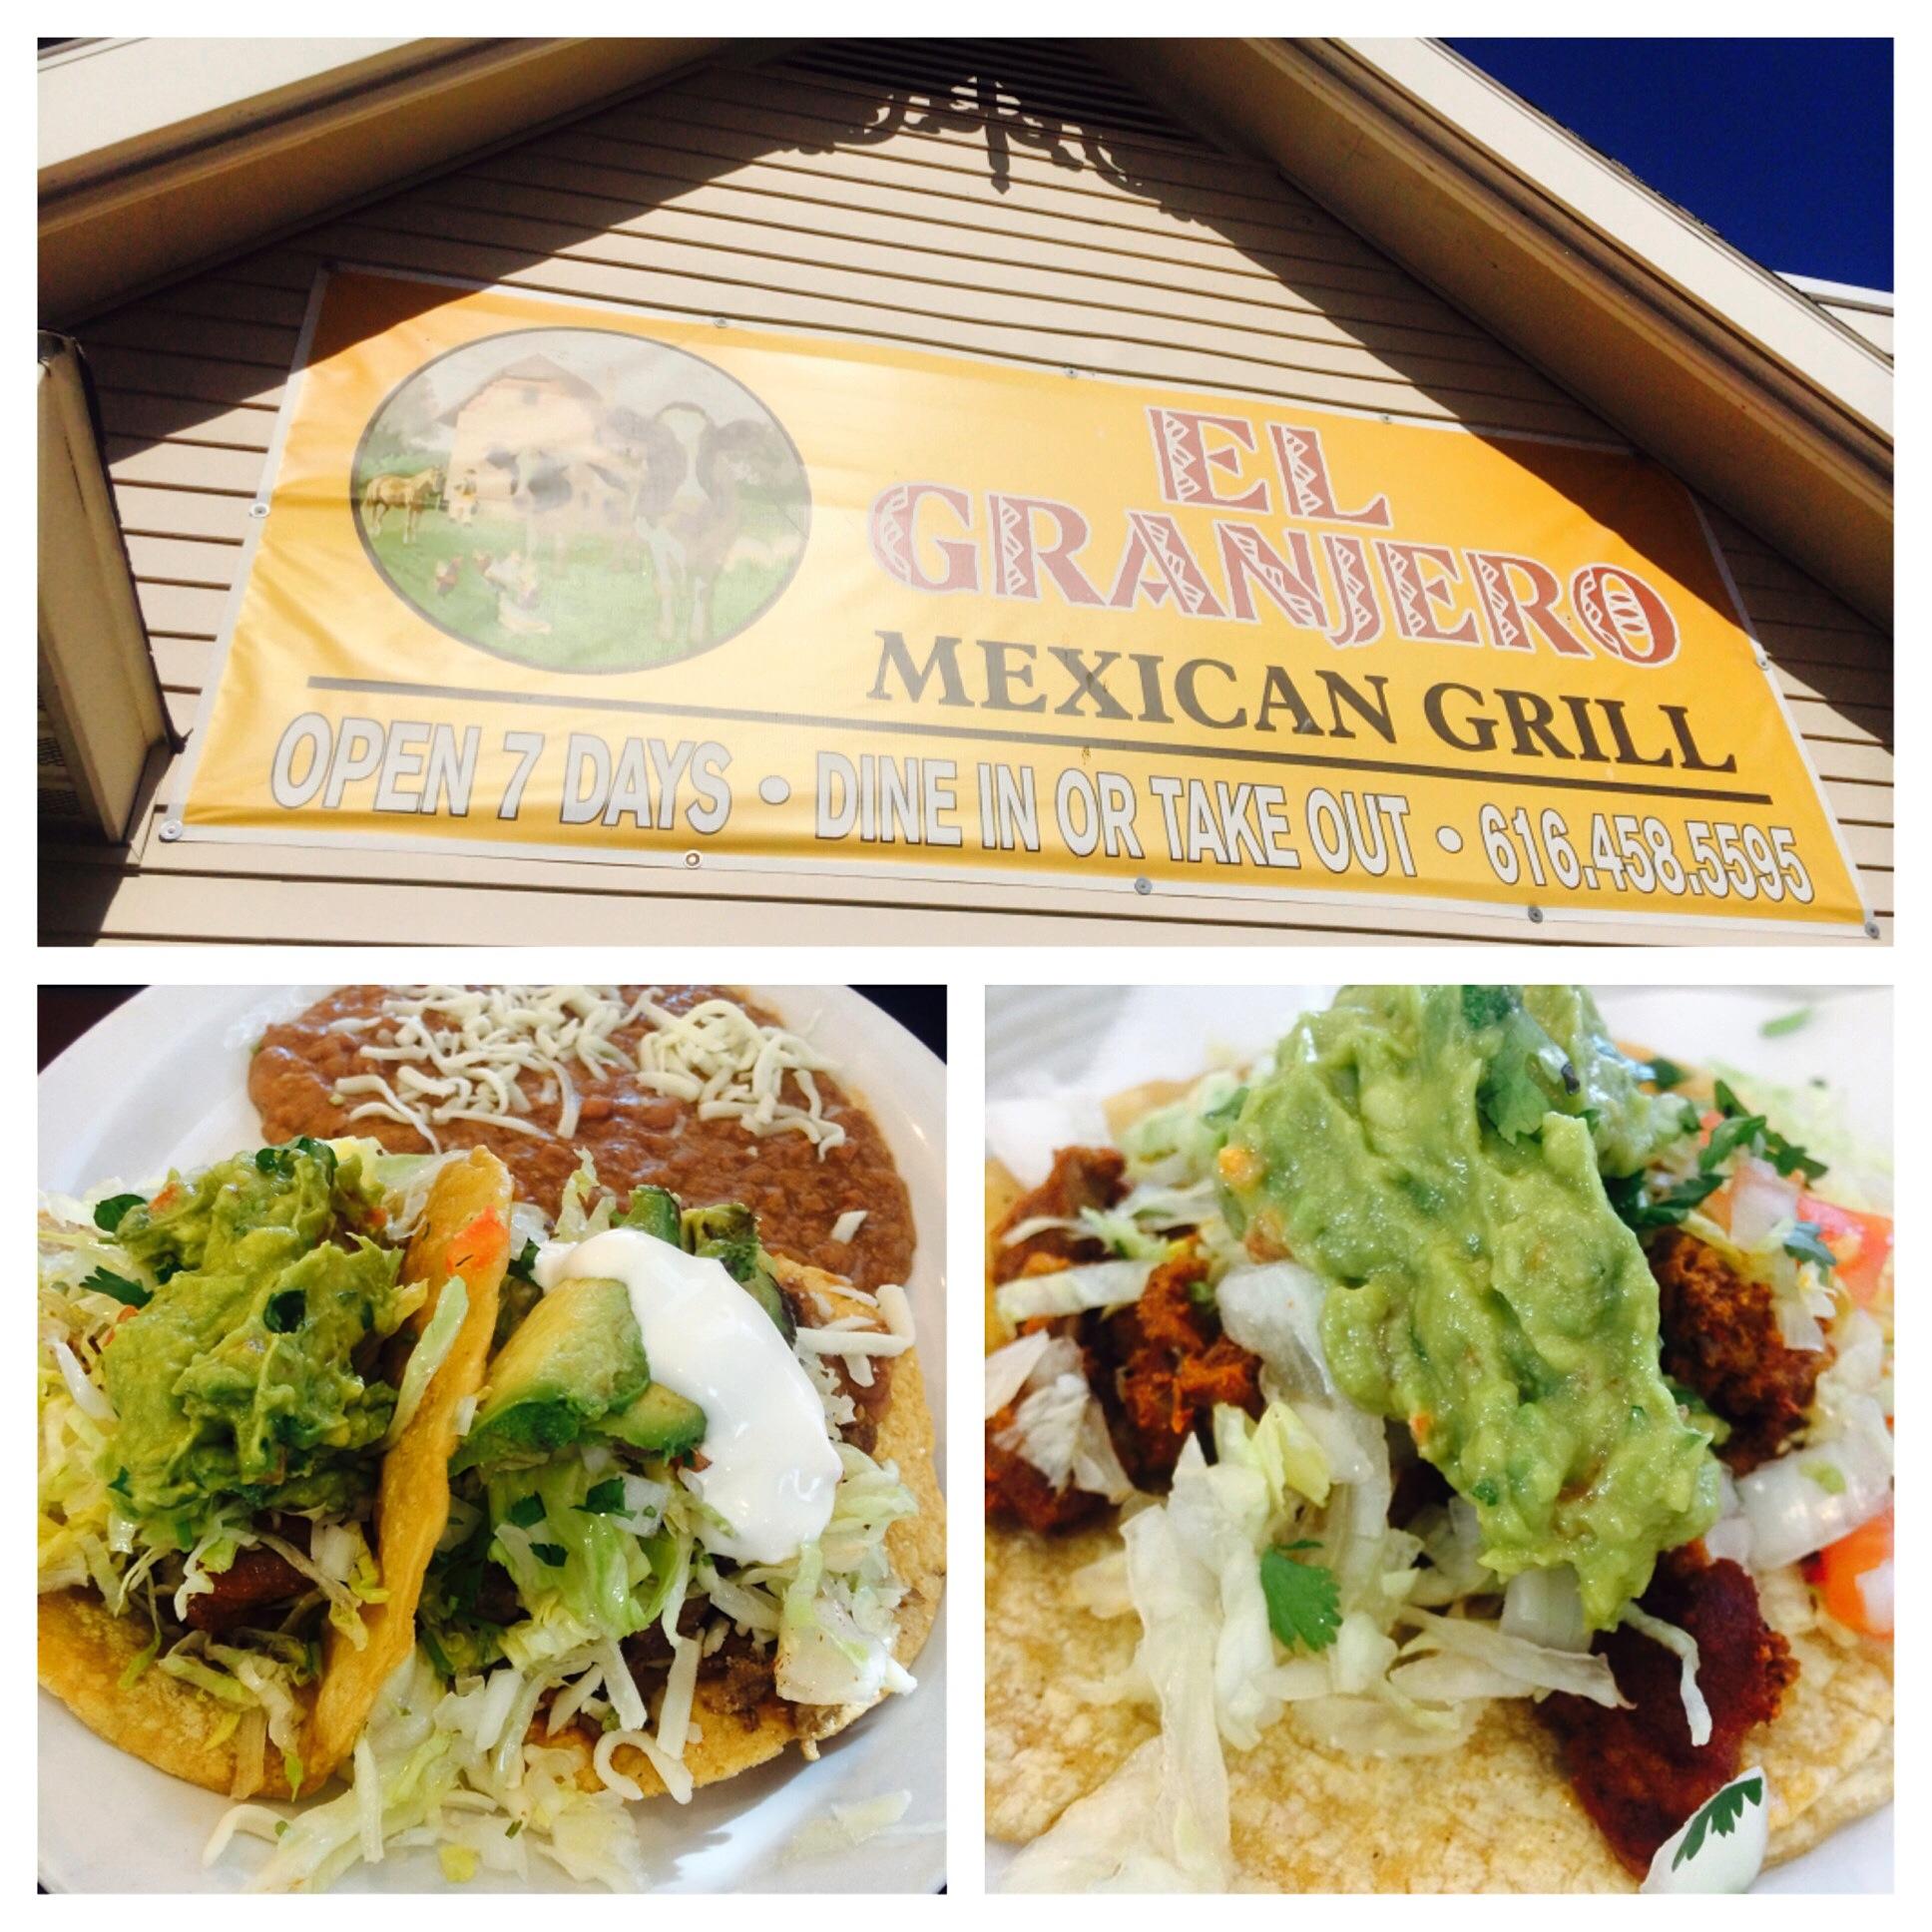 1. El GranJero Mexican Grill